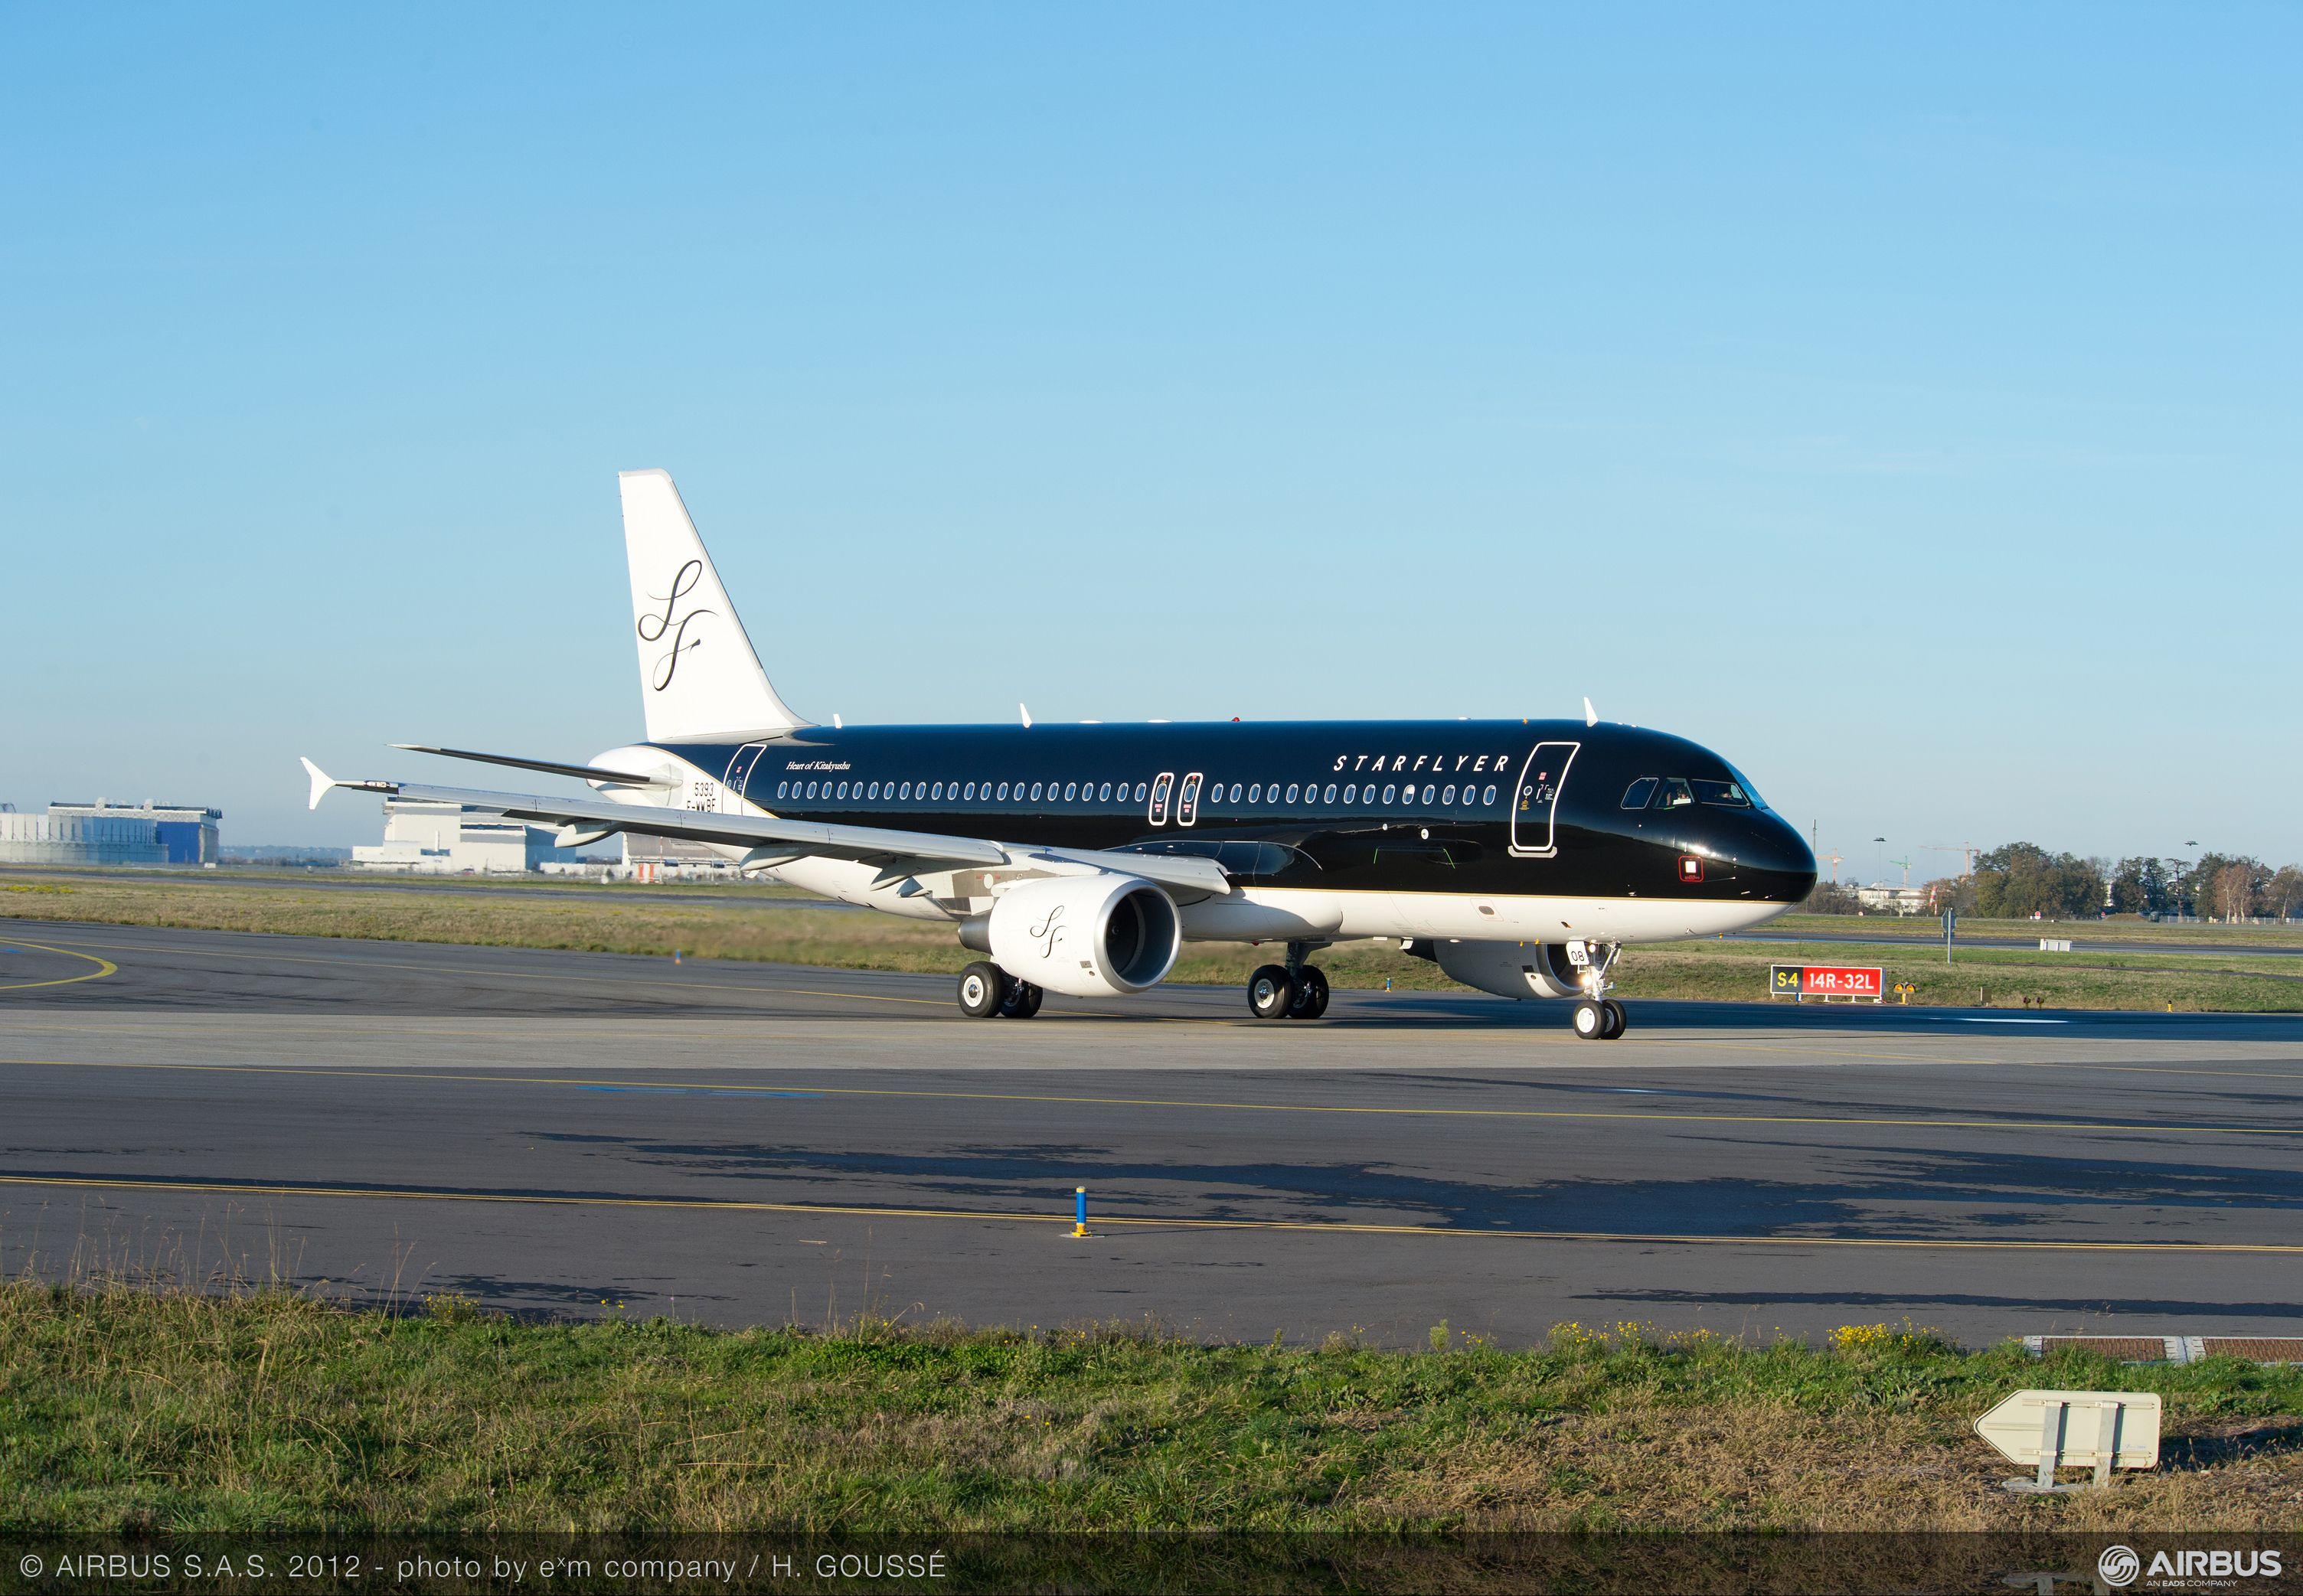 コンゴ・エアウェイズ、ERJ-175の確定注文をE190-E2に変更